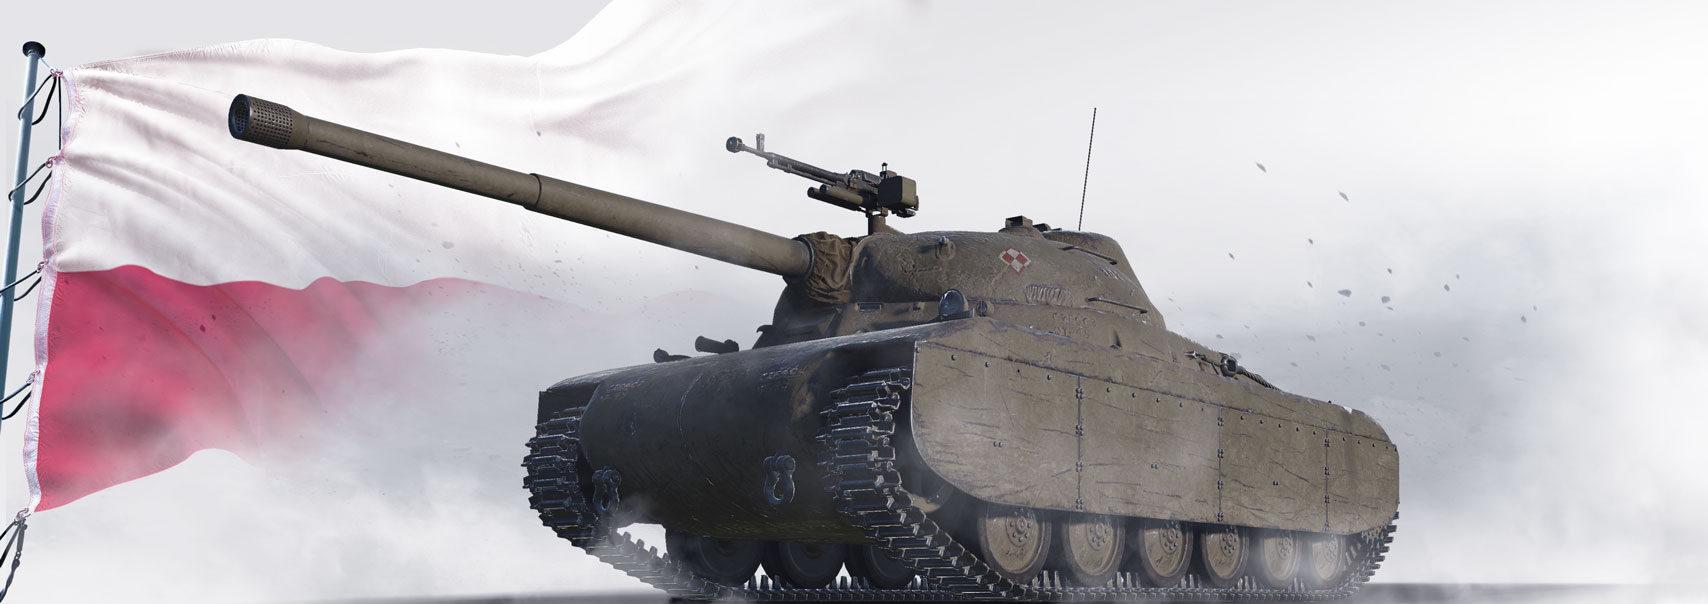 WoT_Template_New_Tank_CS-44_EN-e1593176637825 (1)